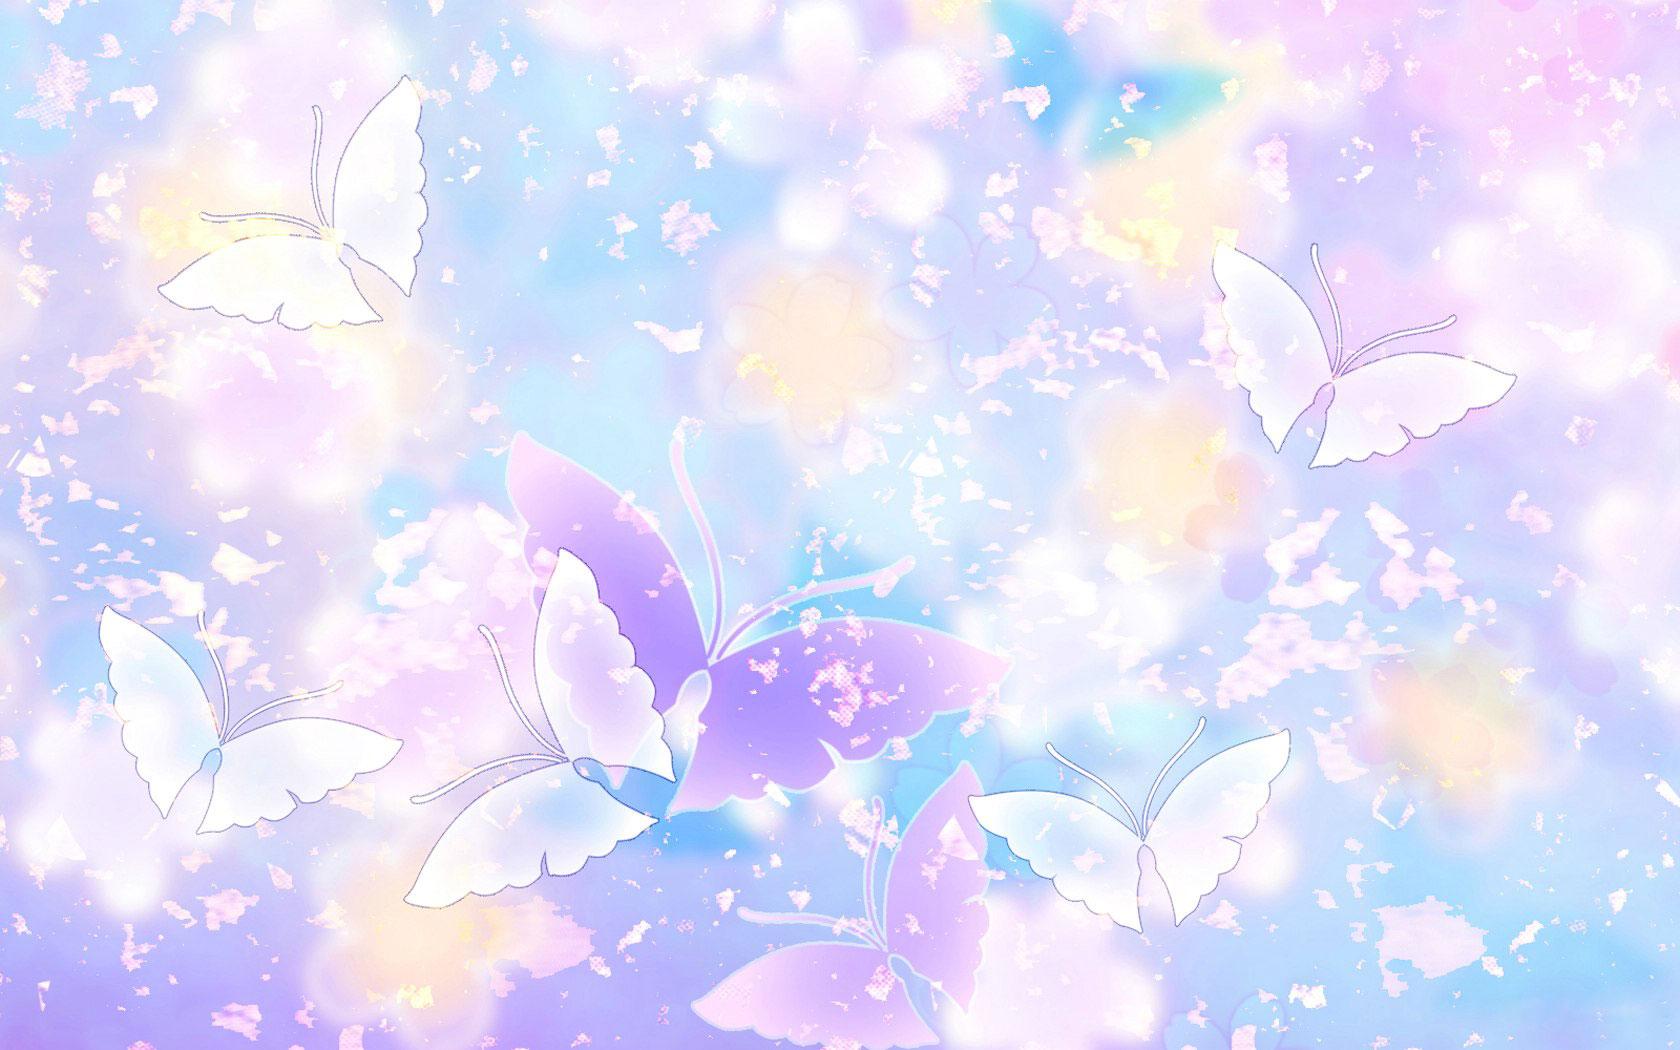 花のイラスト・フリー素材/壁紙・背景no.009『青紫ピンク・蝶・淡い』